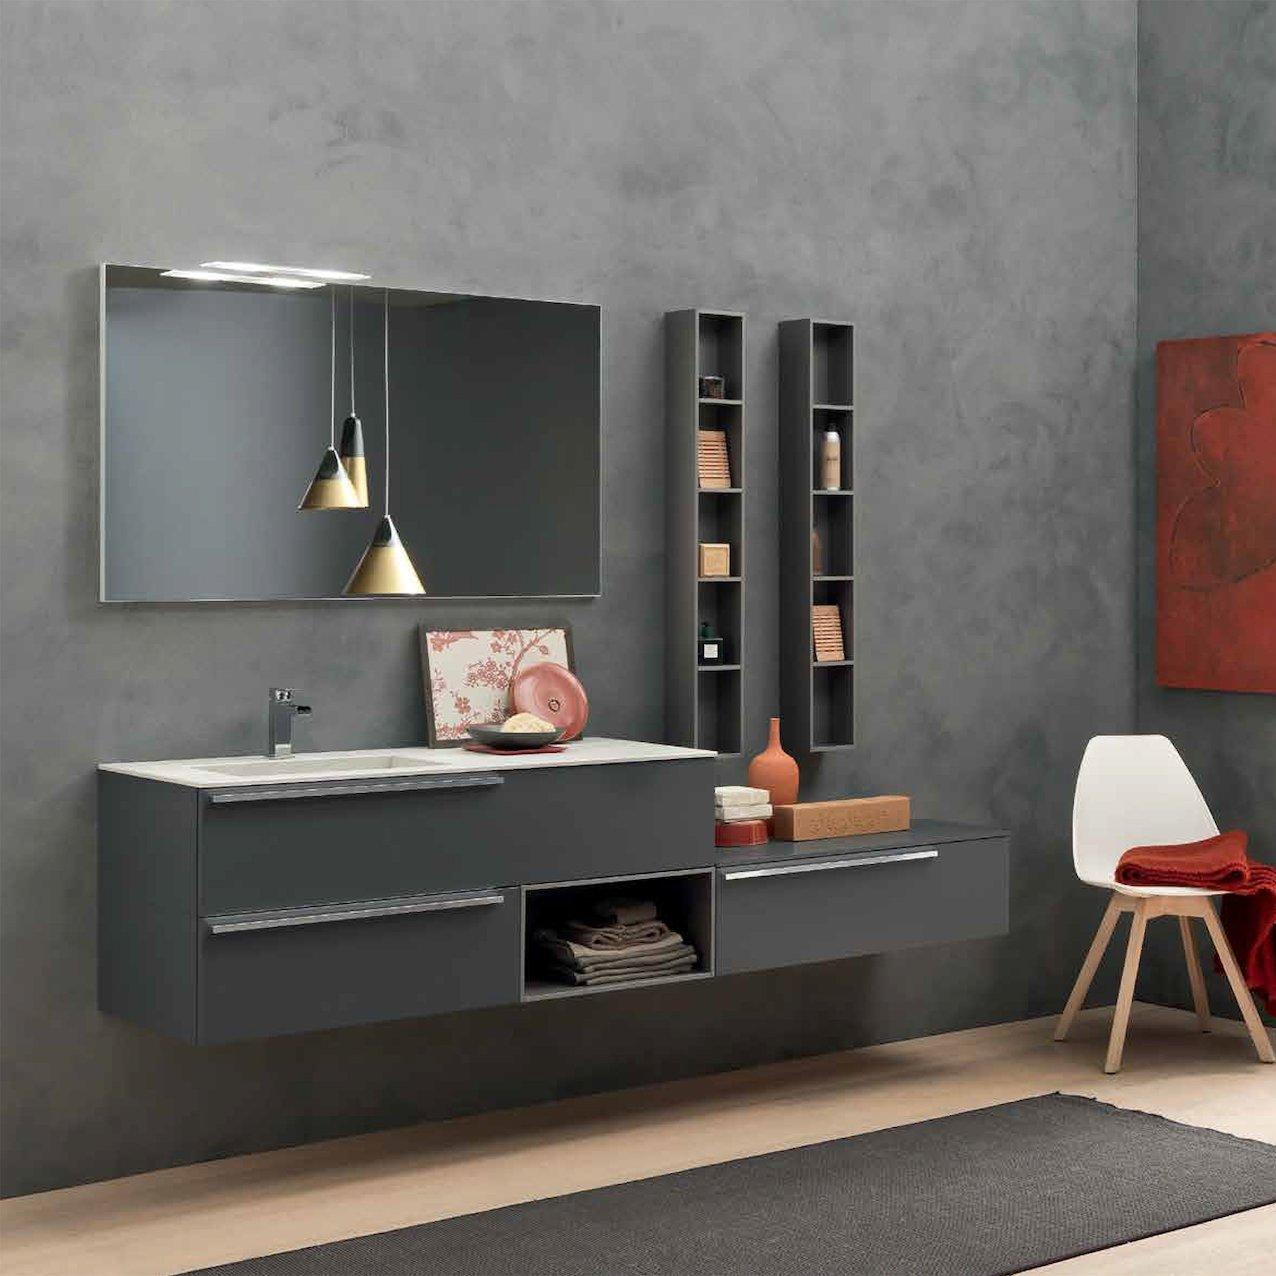 Lauren Bathroom Furniture